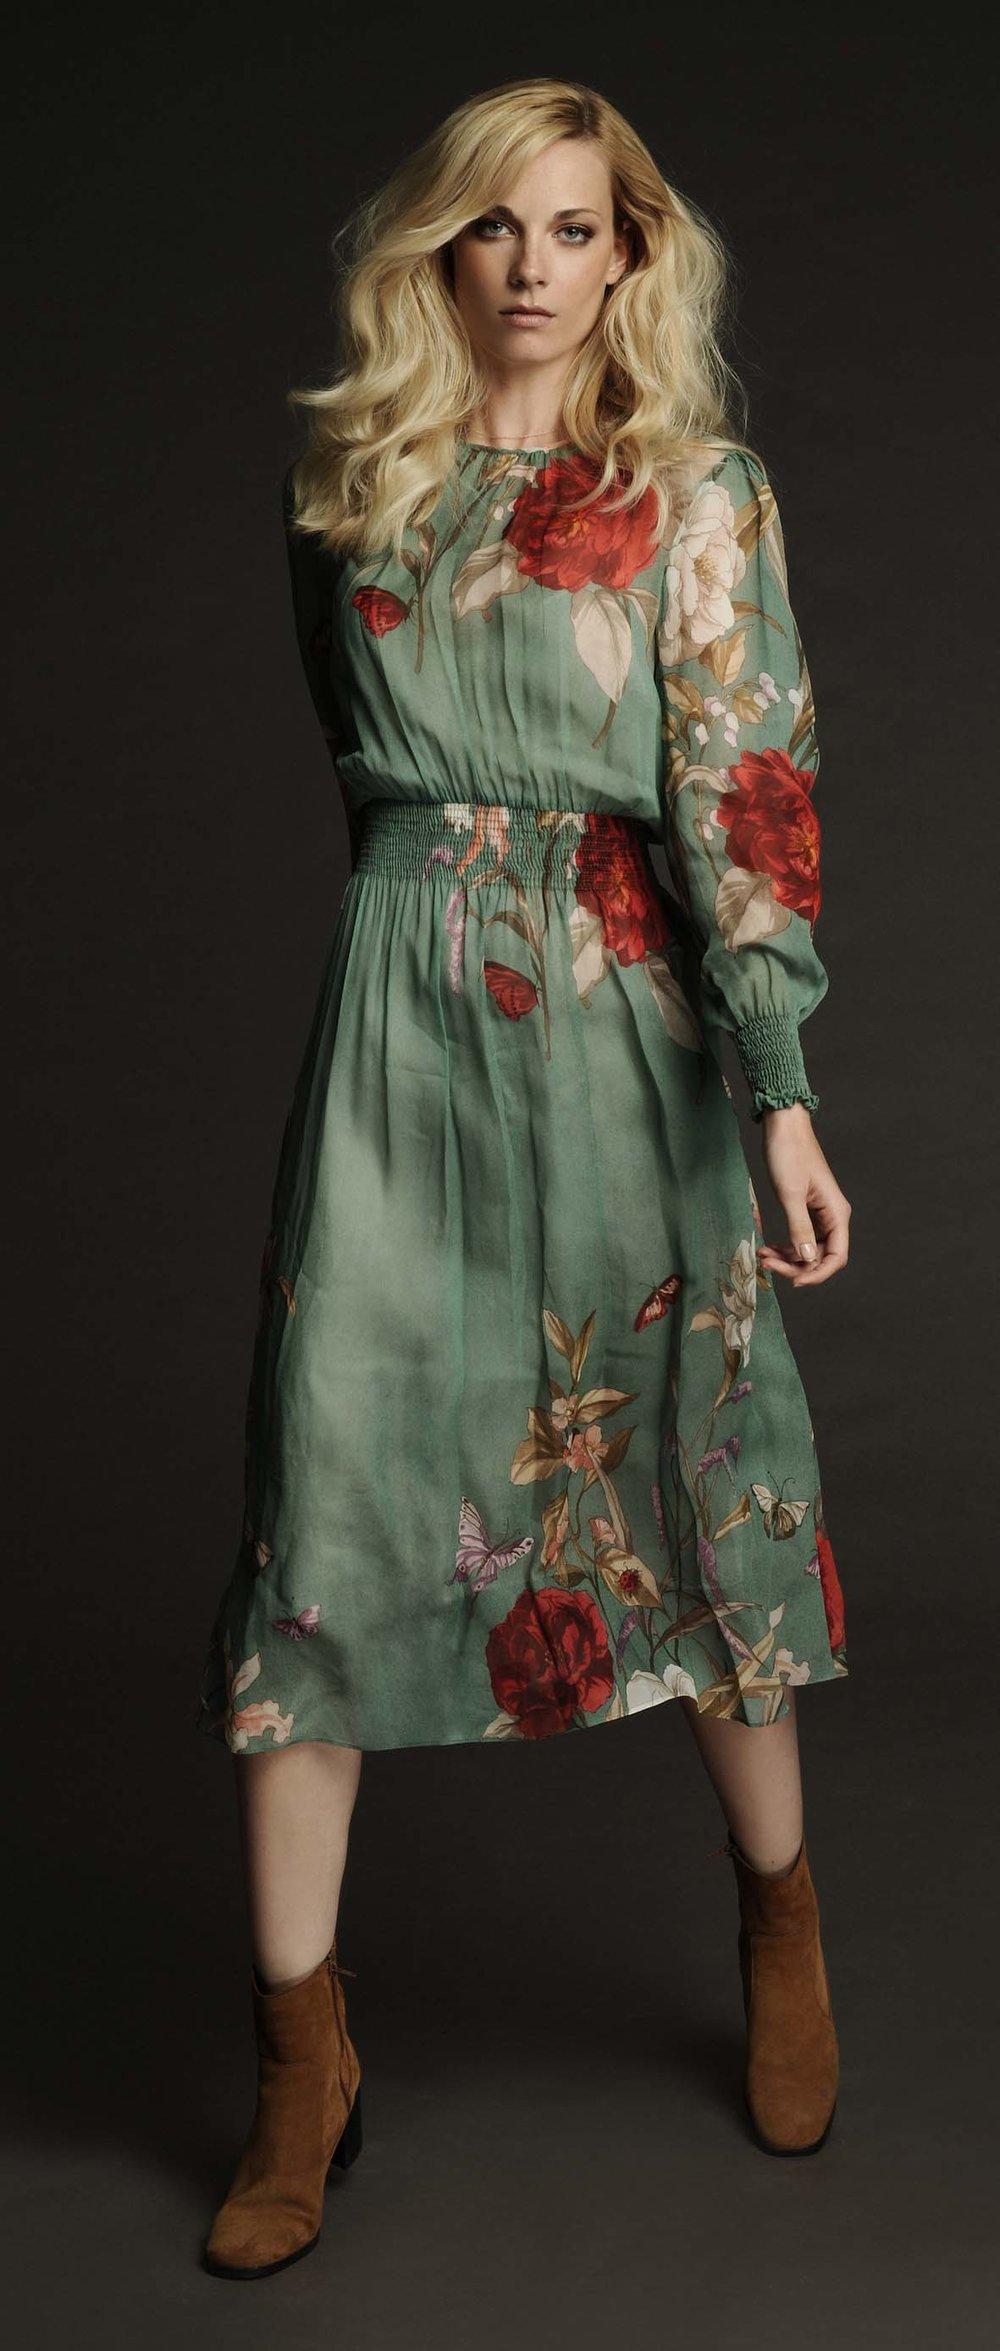 Julia gehend im Floralkleid